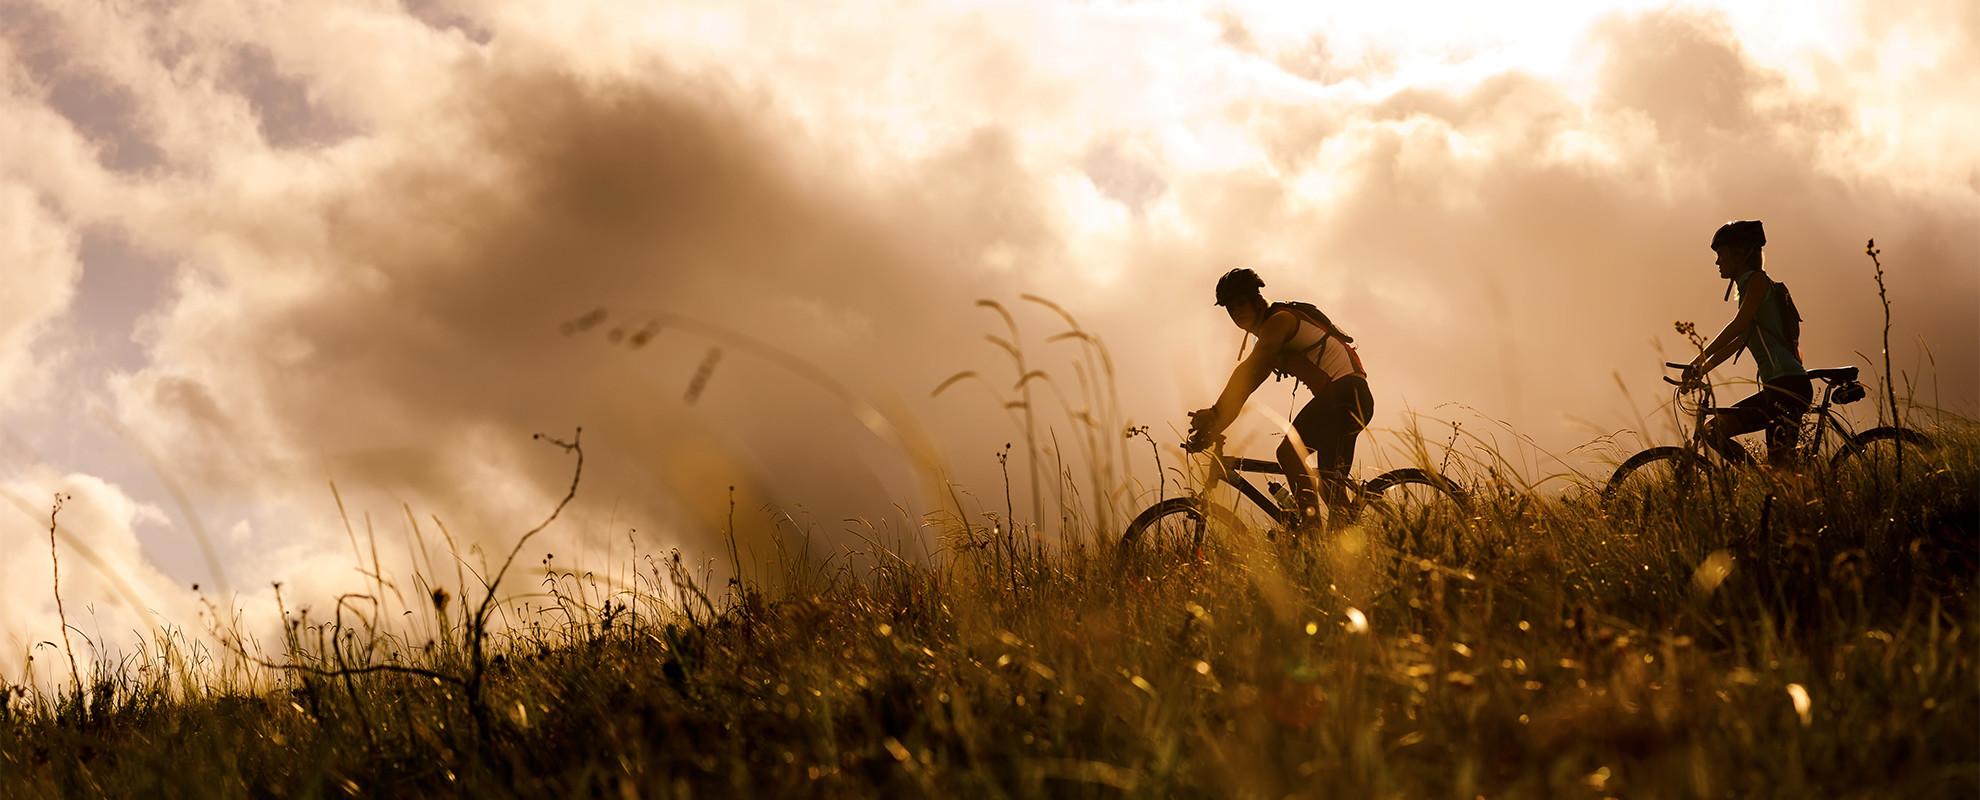 Mount_biking